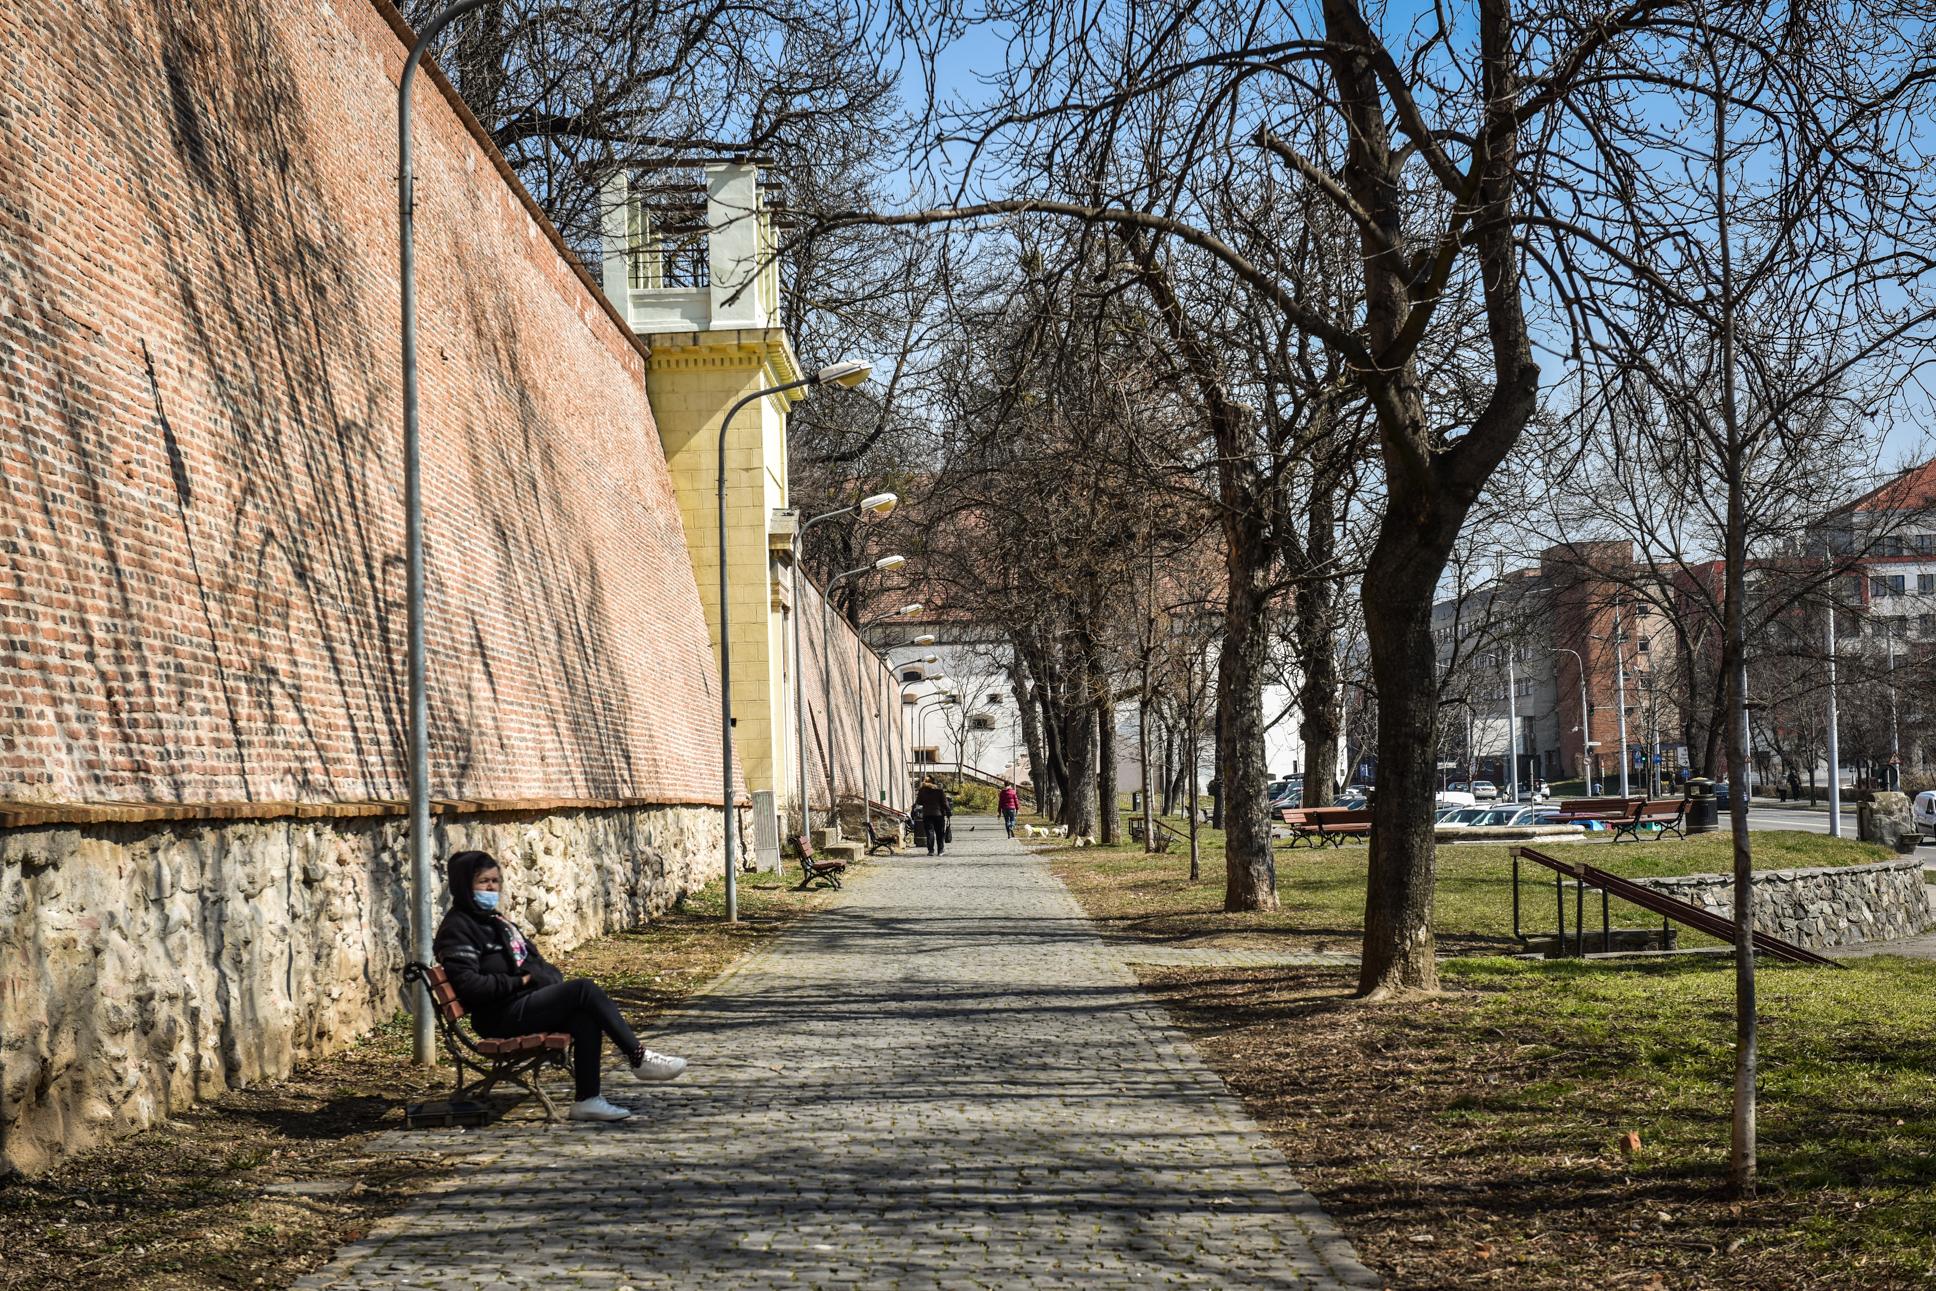 Incidența scade în Sibiu, Cisnădie și Șelimbăr. Situația în localitățile județului